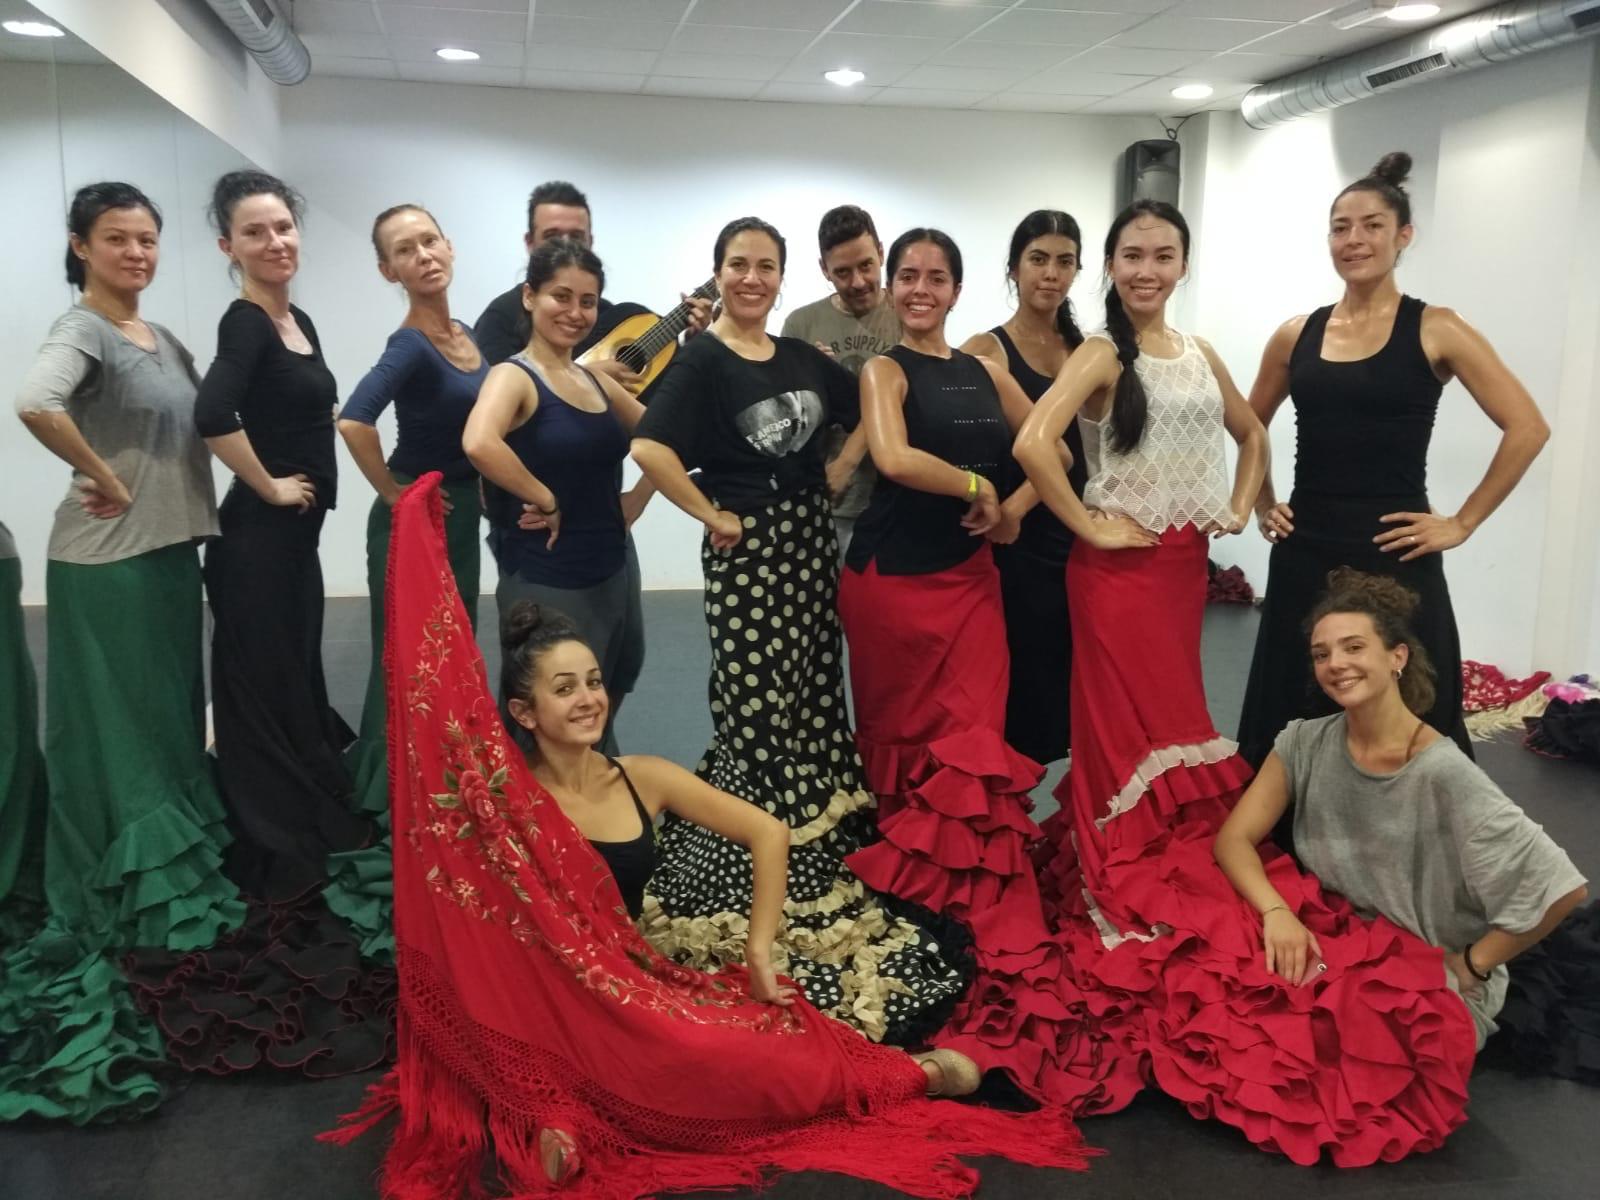 Flamenco Danza Clases Baile Sevilla (1)